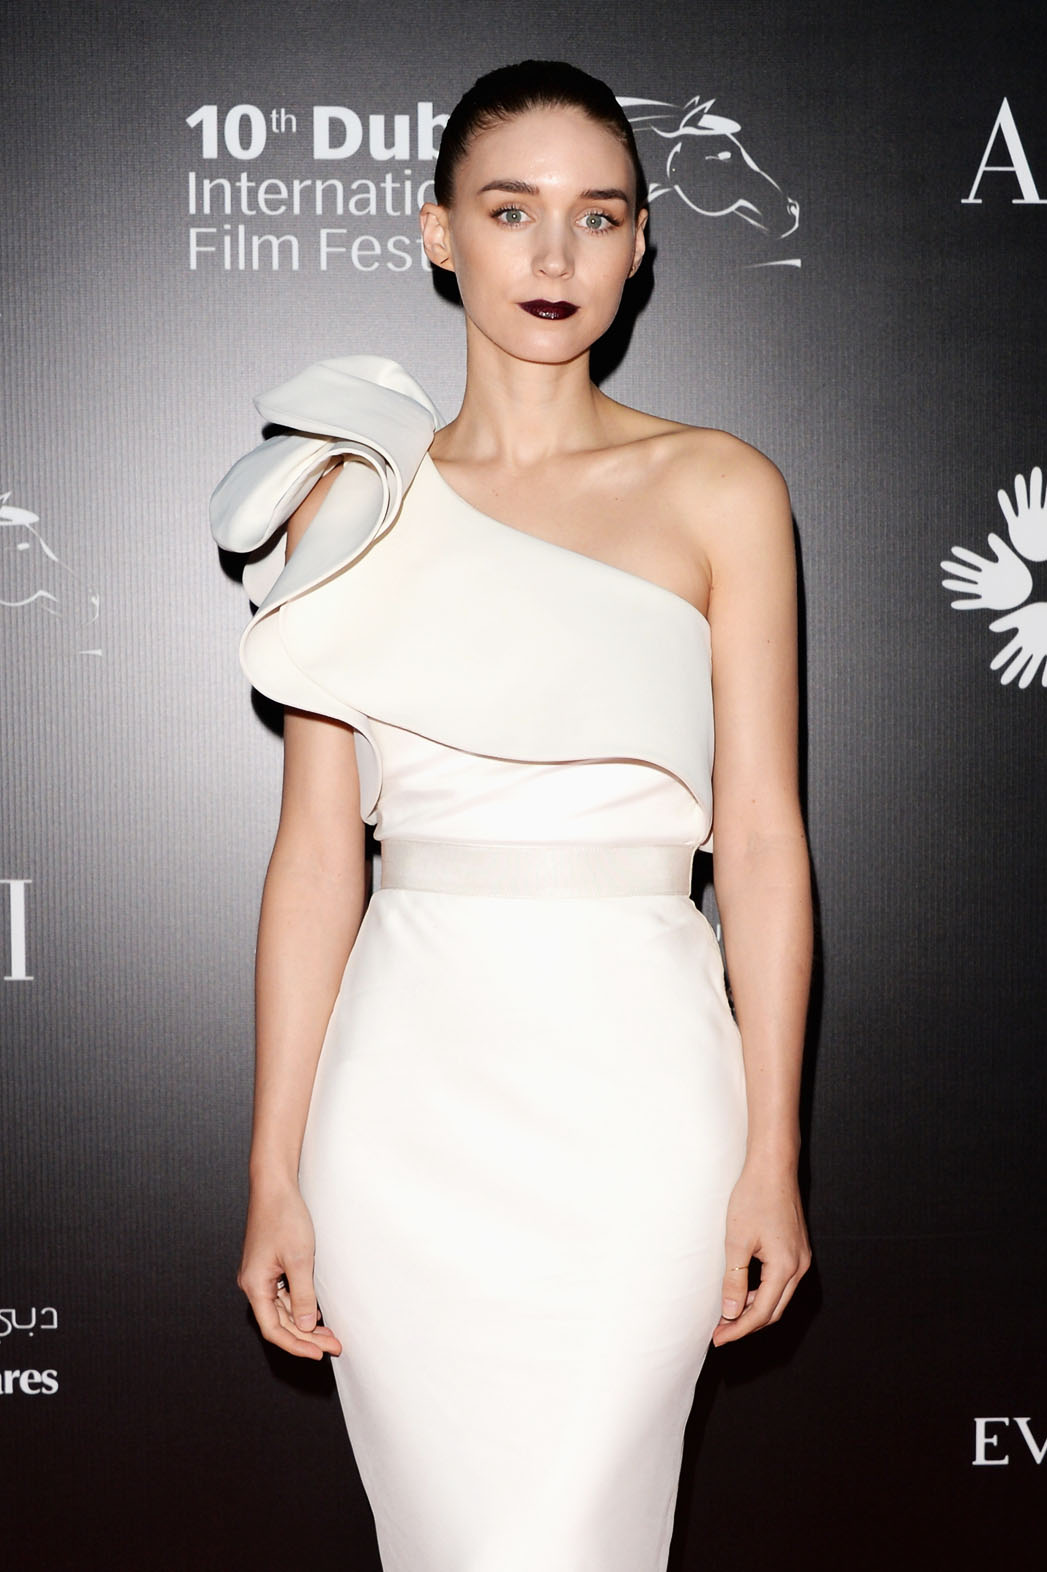 Rooney Mara Dubai Film Fest Arrivals - P 2013